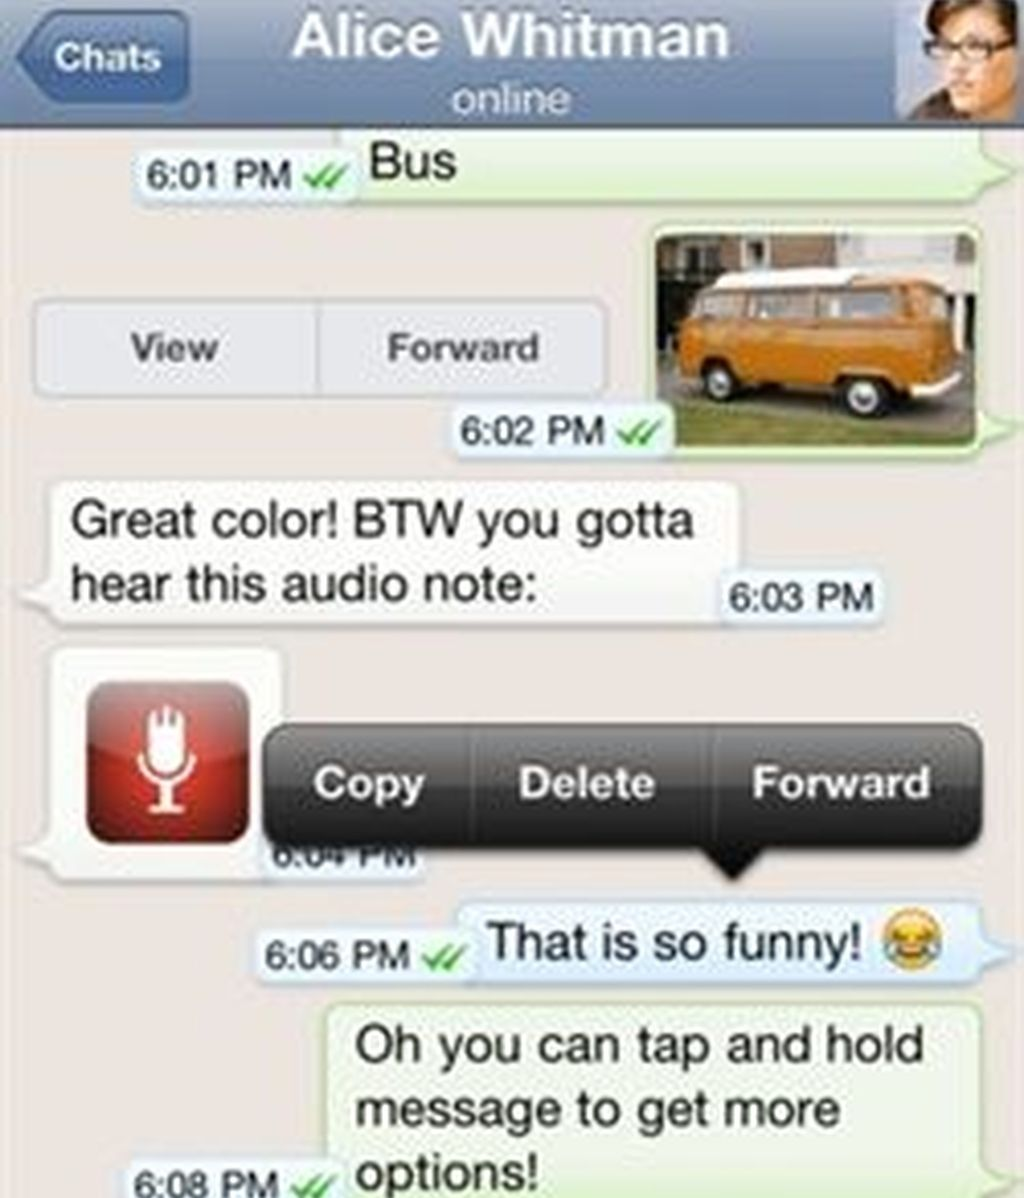 La versión 2.6.5 para iPhone cambia interfaz y ofrece mejoras para silenciar el sistema durante horas, entre otras.